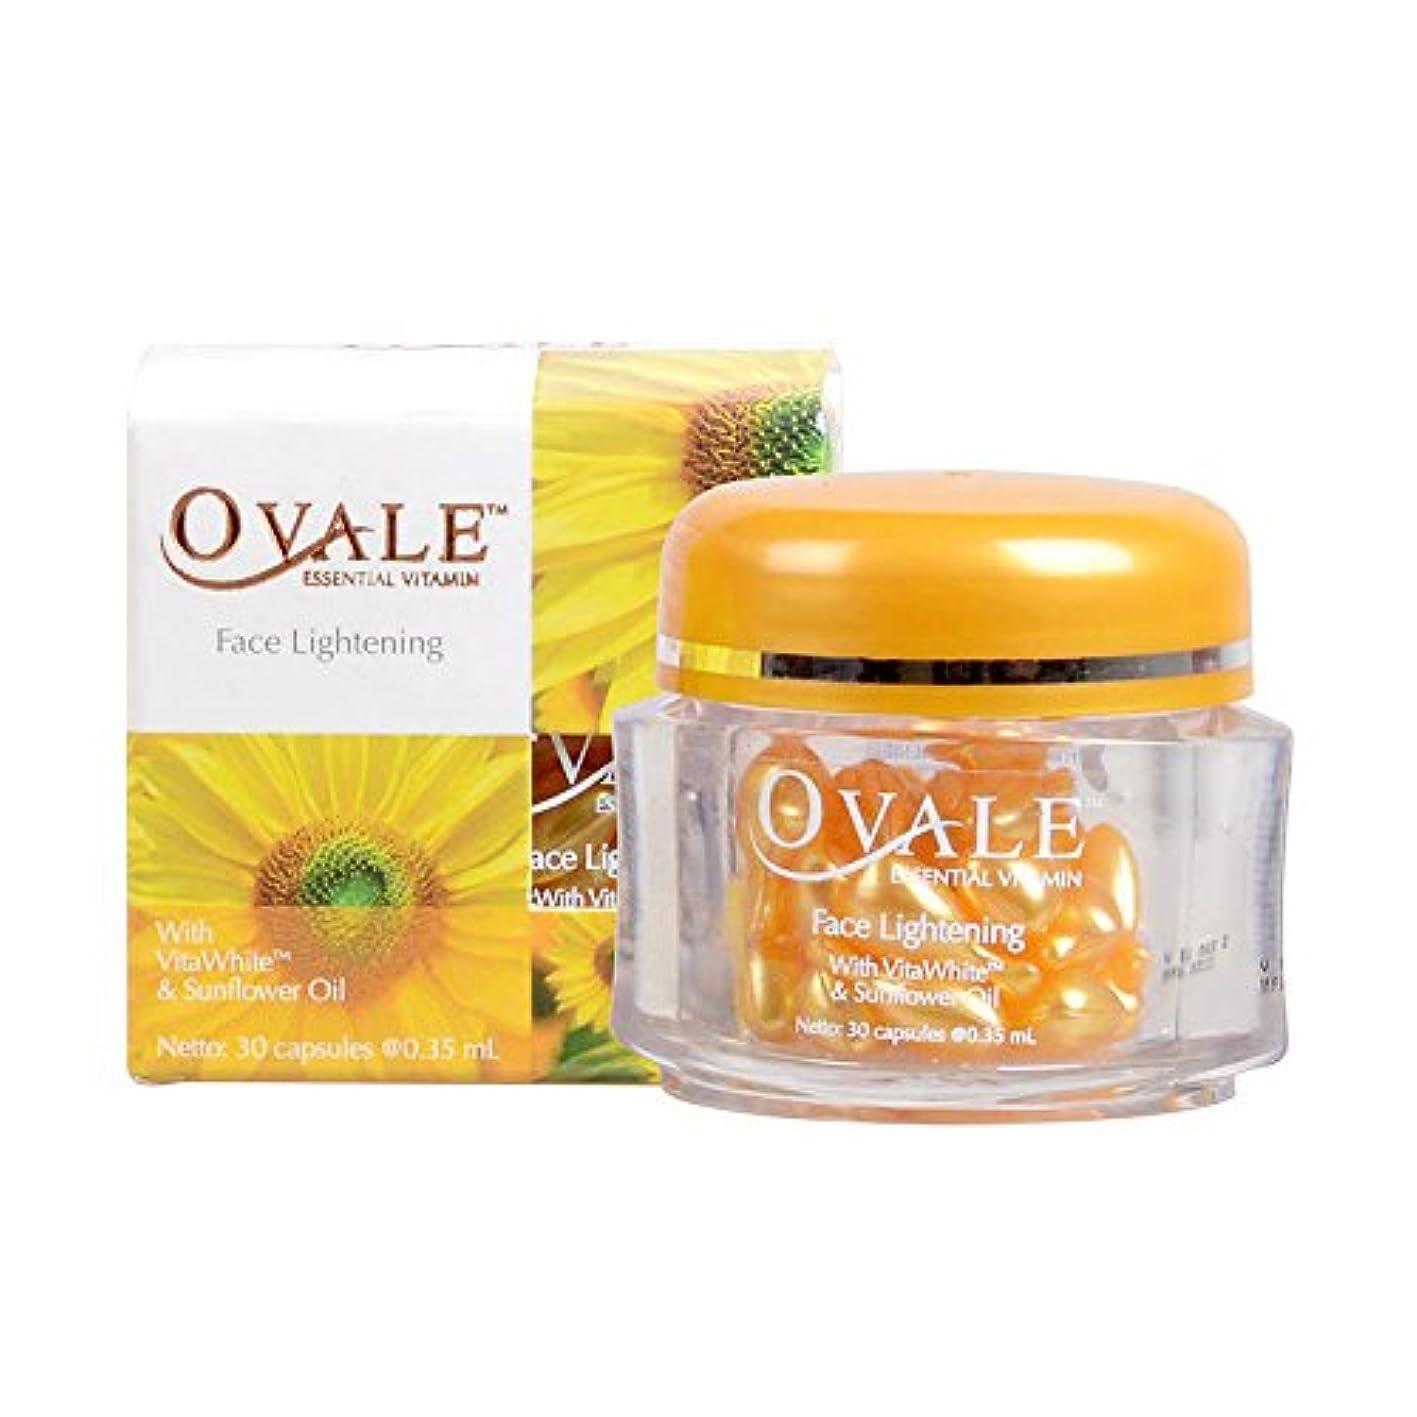 愛するめったにご意見Ovale オーバル フェイシャル美容液 essential vitamin エッセンシャルビタミン 30粒入ボトル×2個 サンフラワー [海外直送品]